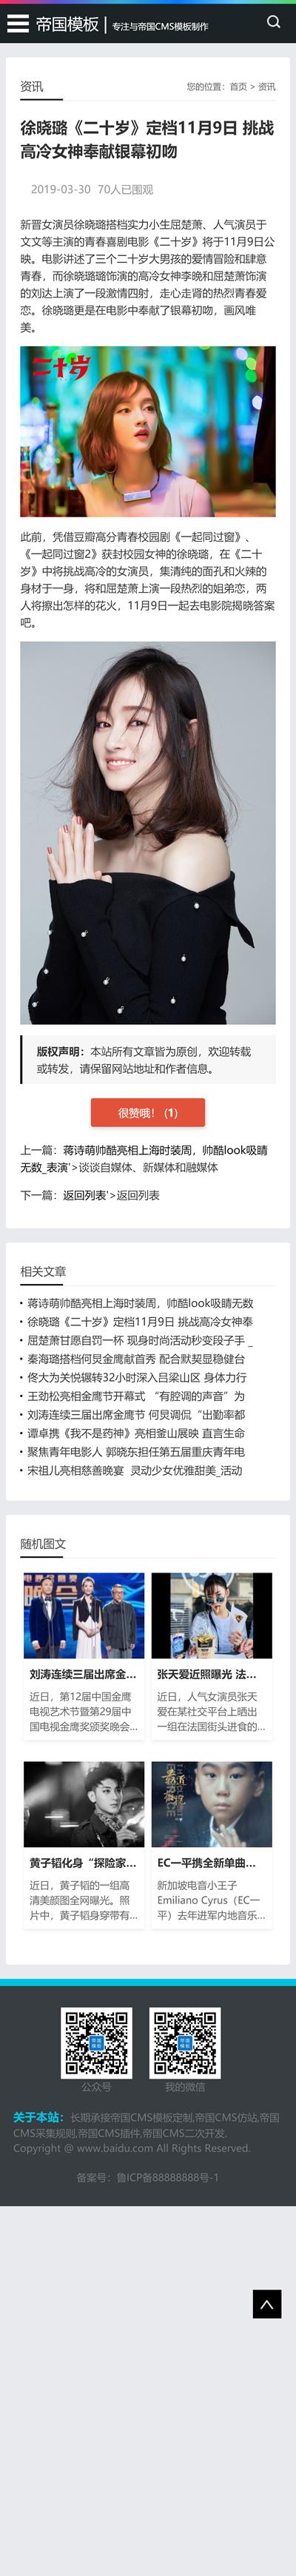 帝国cms博客模板之黑色自适应响应式手机文章资讯模板_手机版内容页